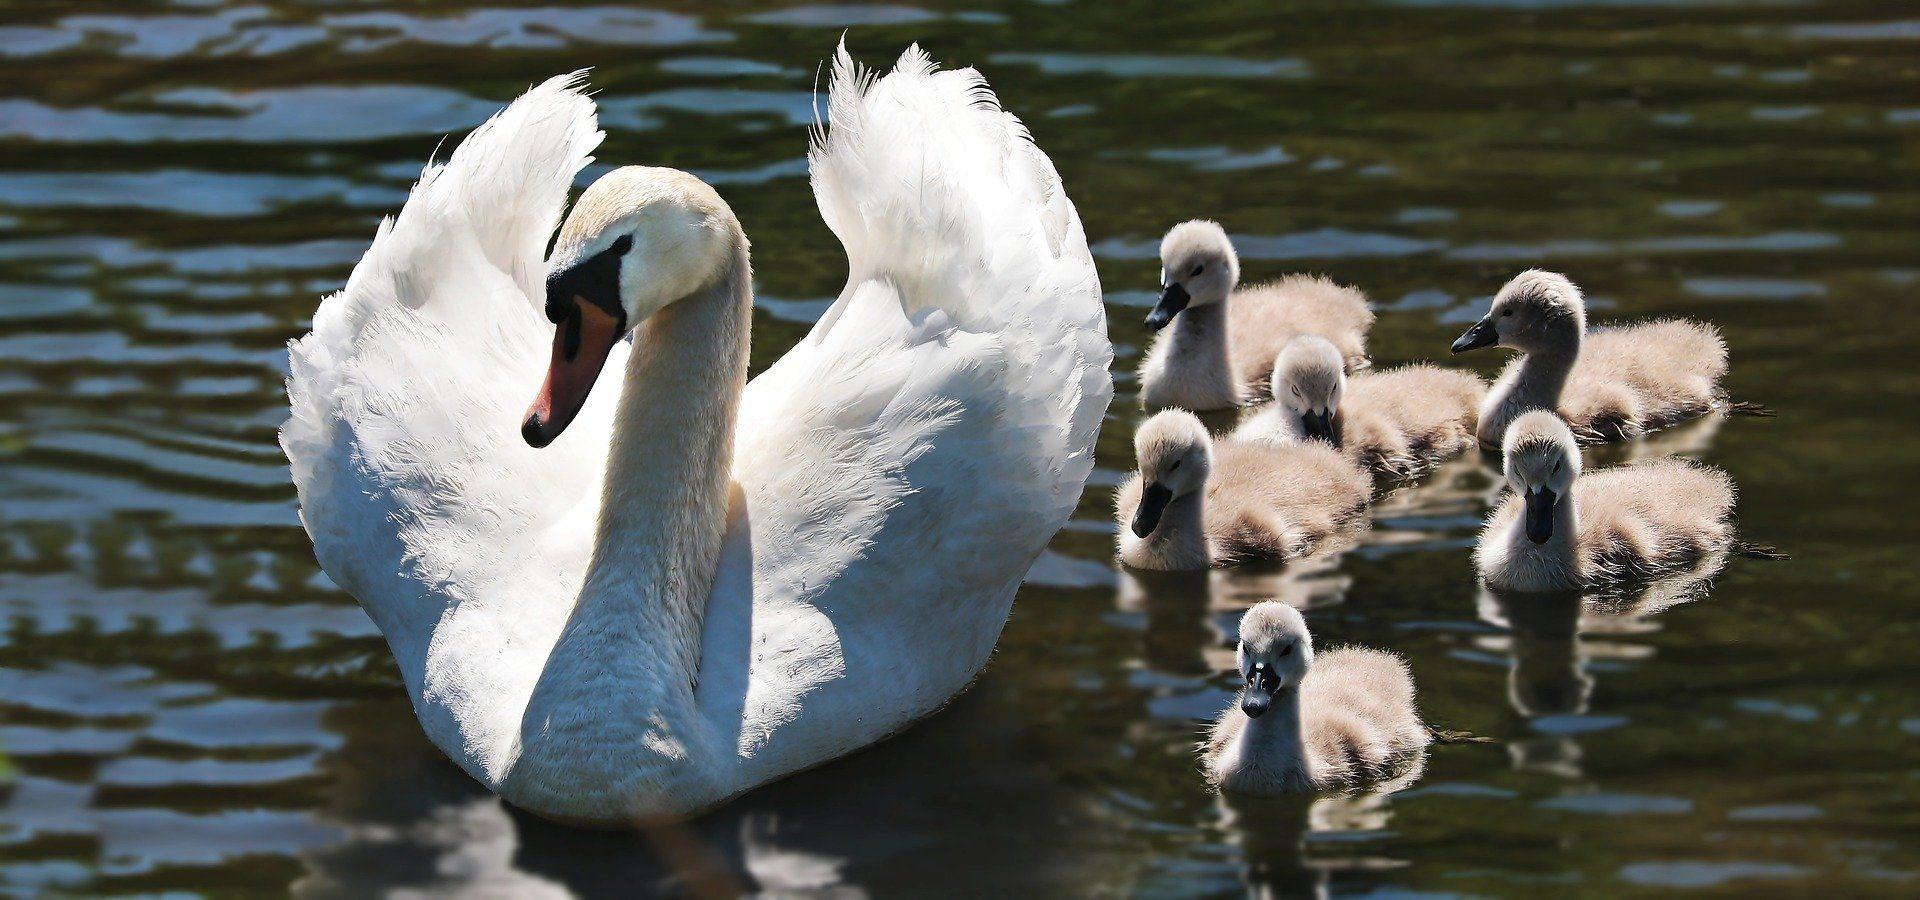 Смотреть лучшее фото белый лебедь на природе со своими детенышами